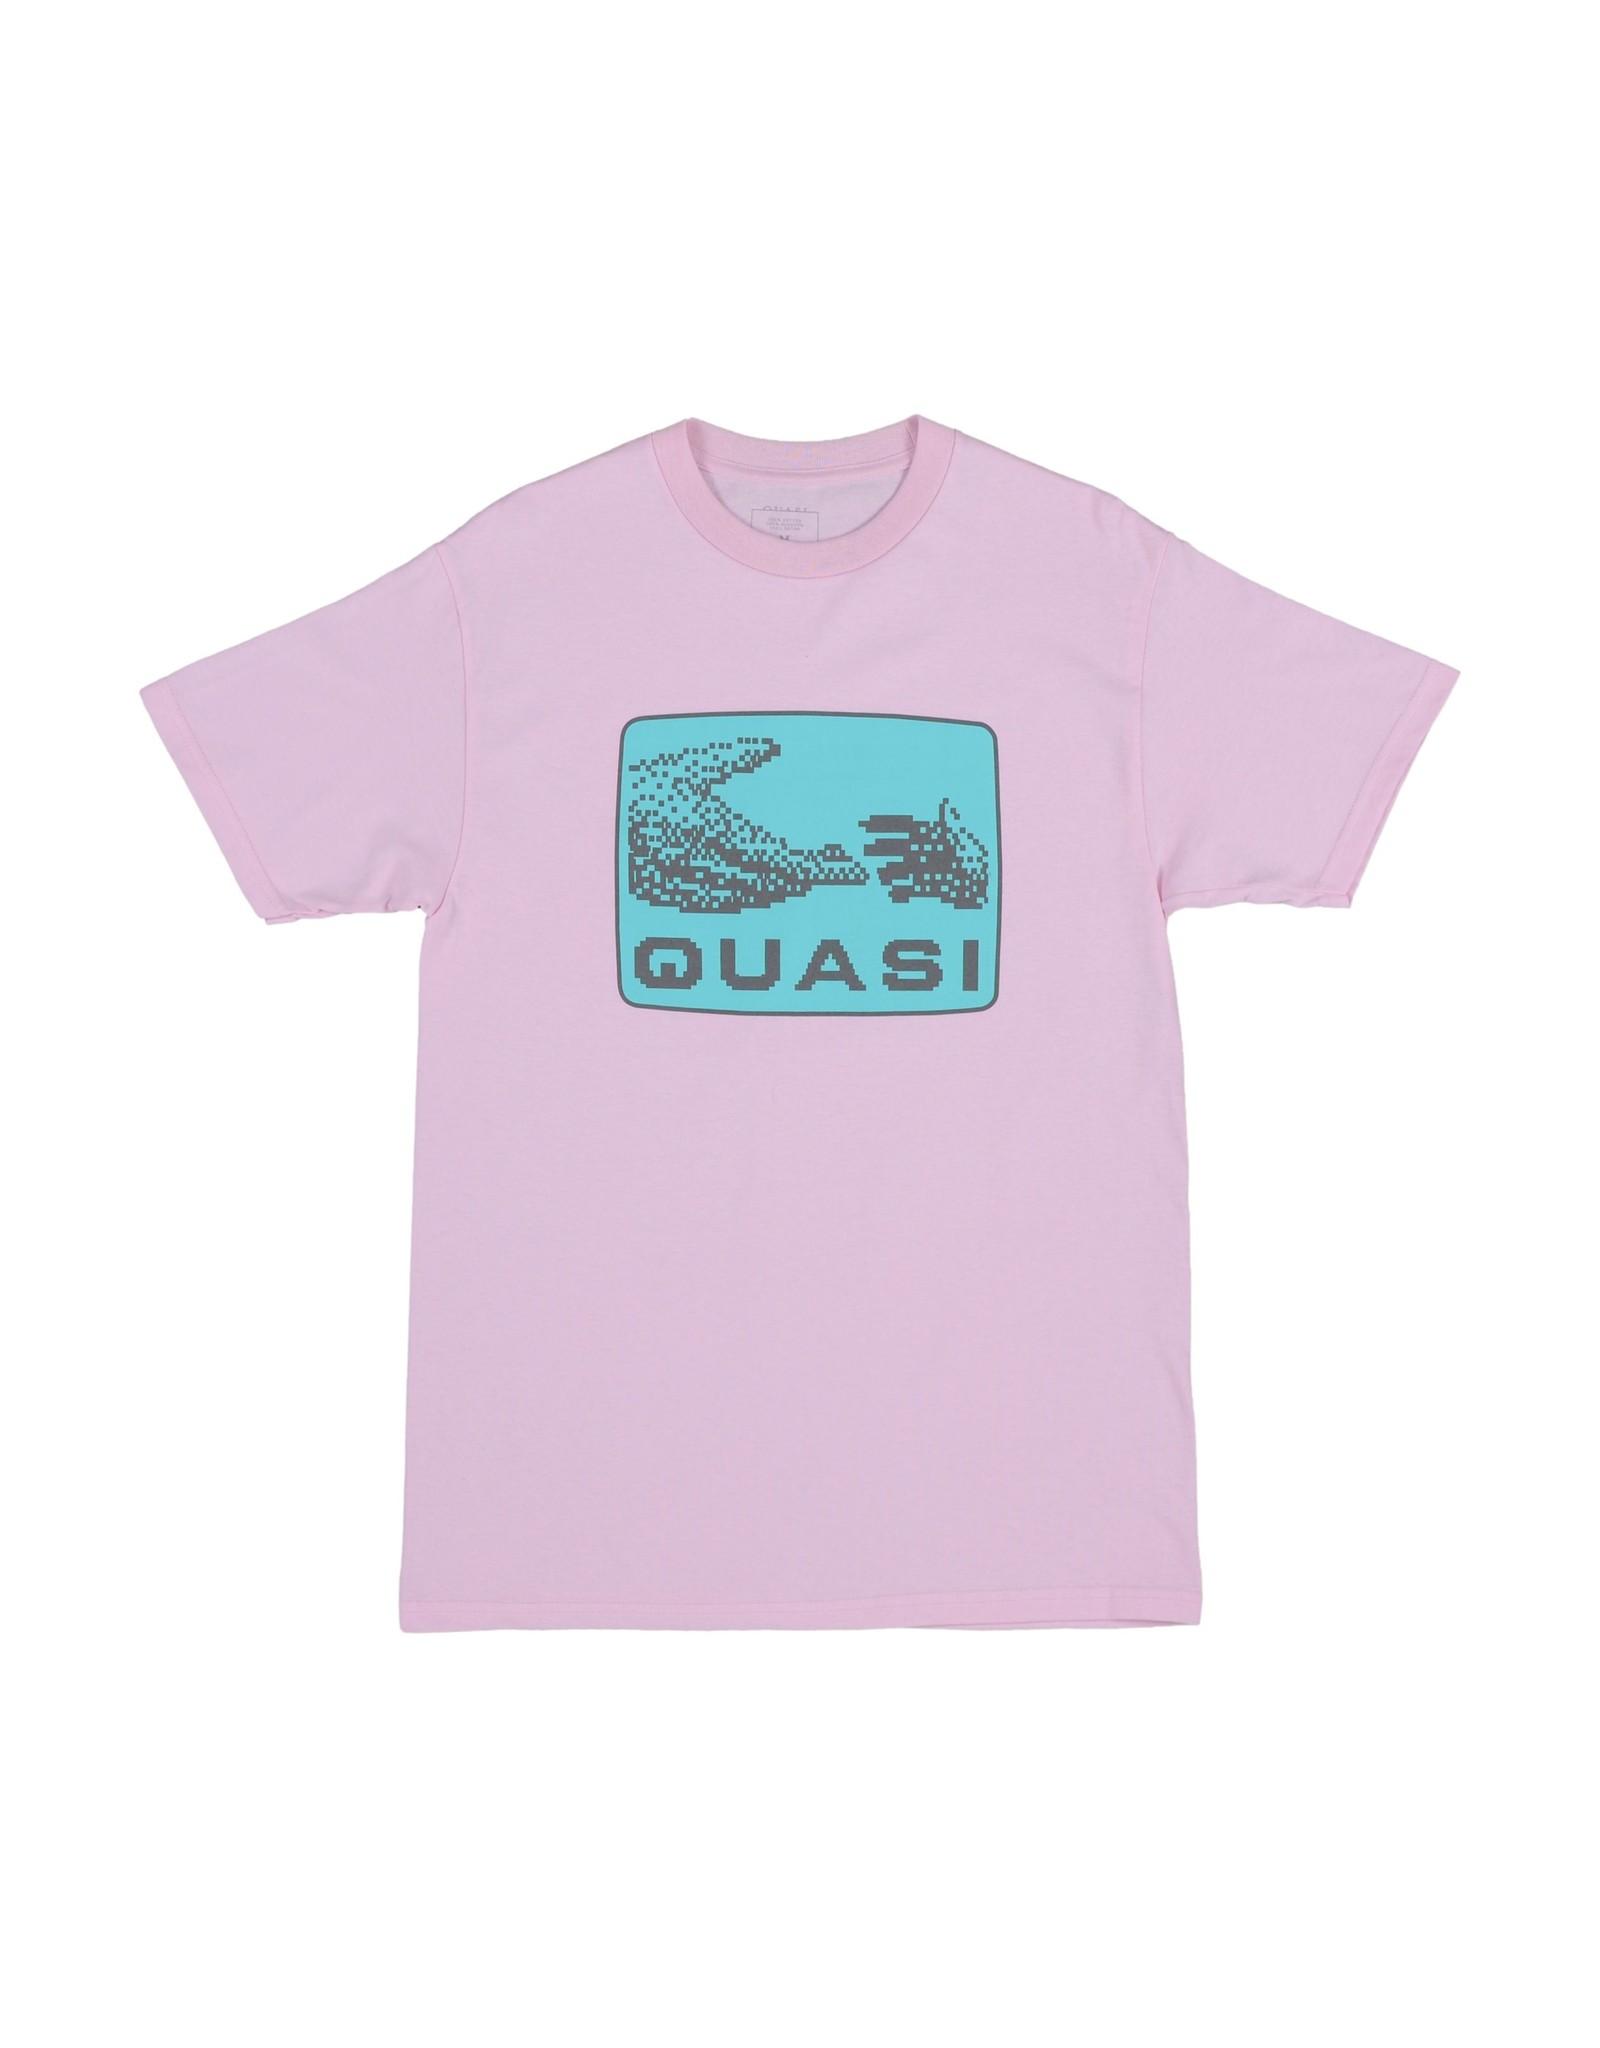 QUASI QUASI - CELL TEE - PINK